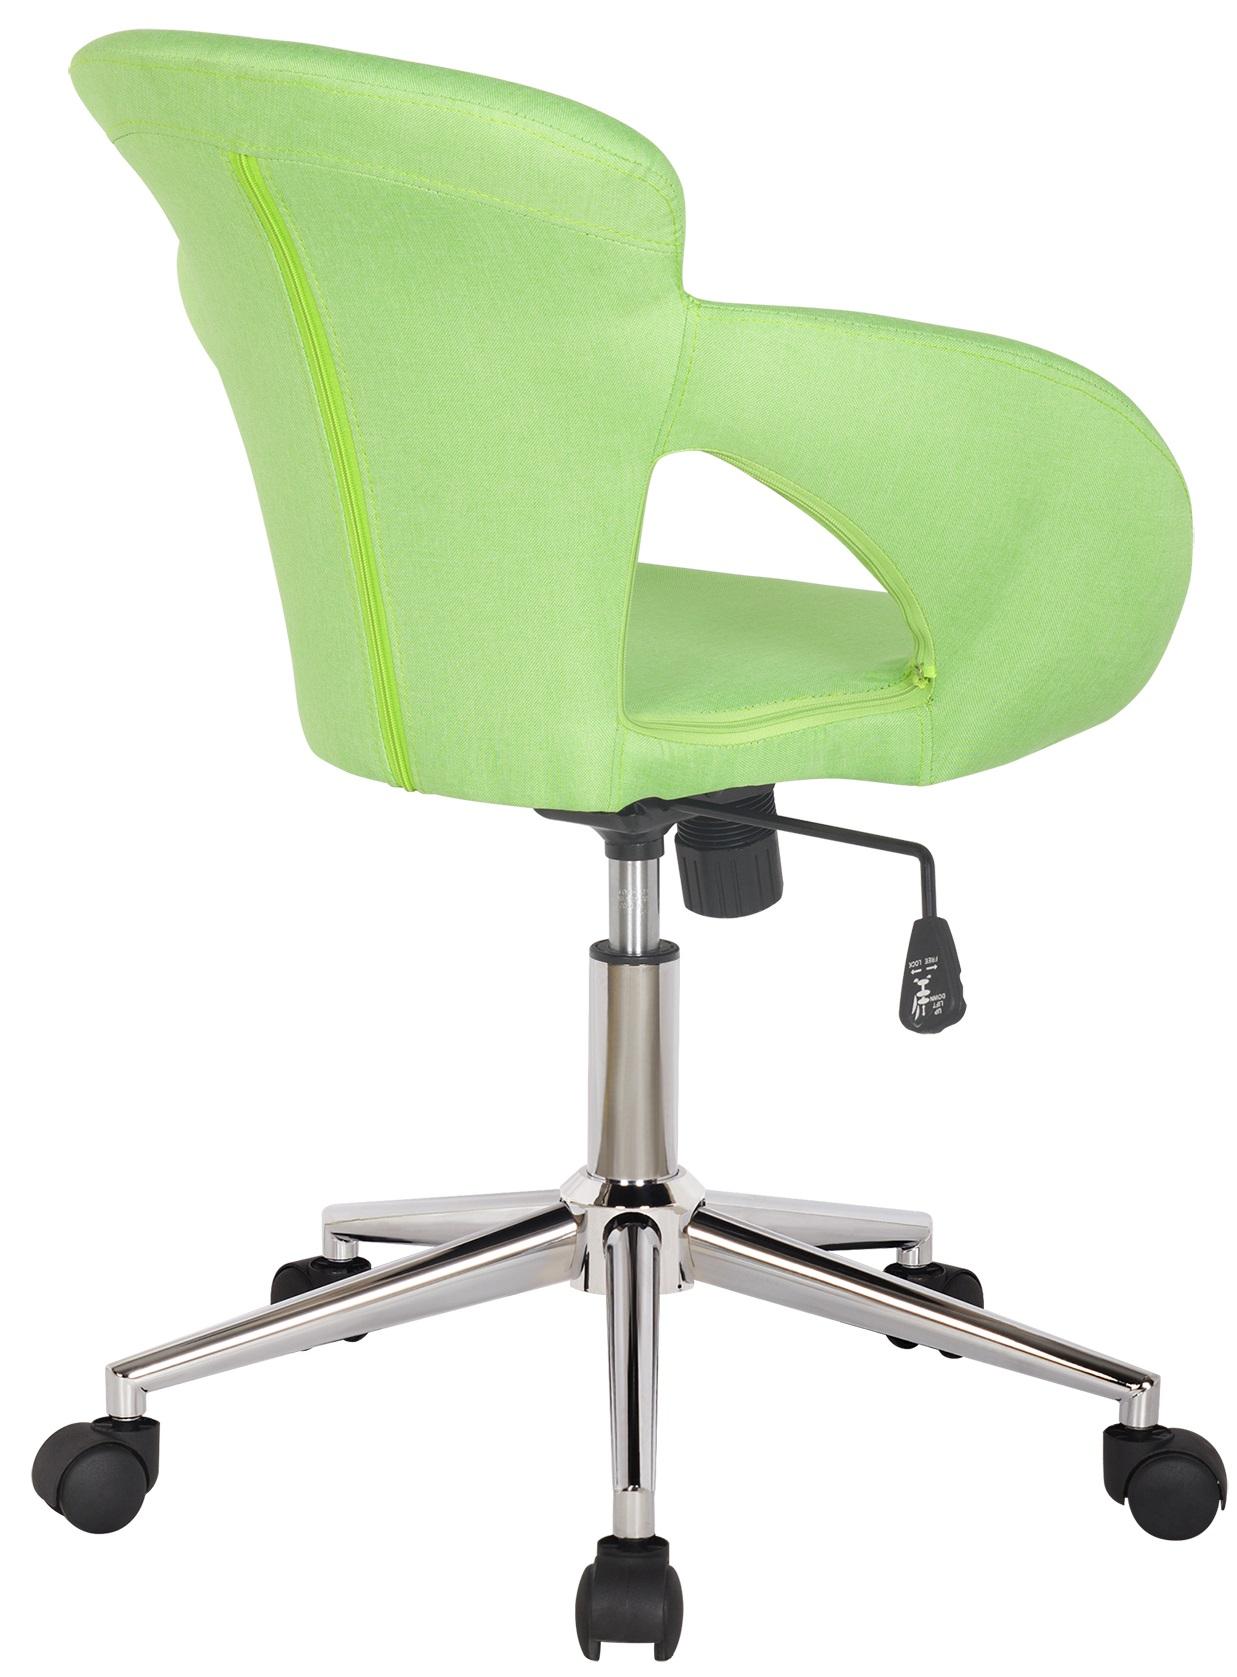 SixBros-Buerostuhl-Drehstuhl-Schreibtischstuhl-Kunstleder-Stoff-Farbe-Auswahl Indexbild 10